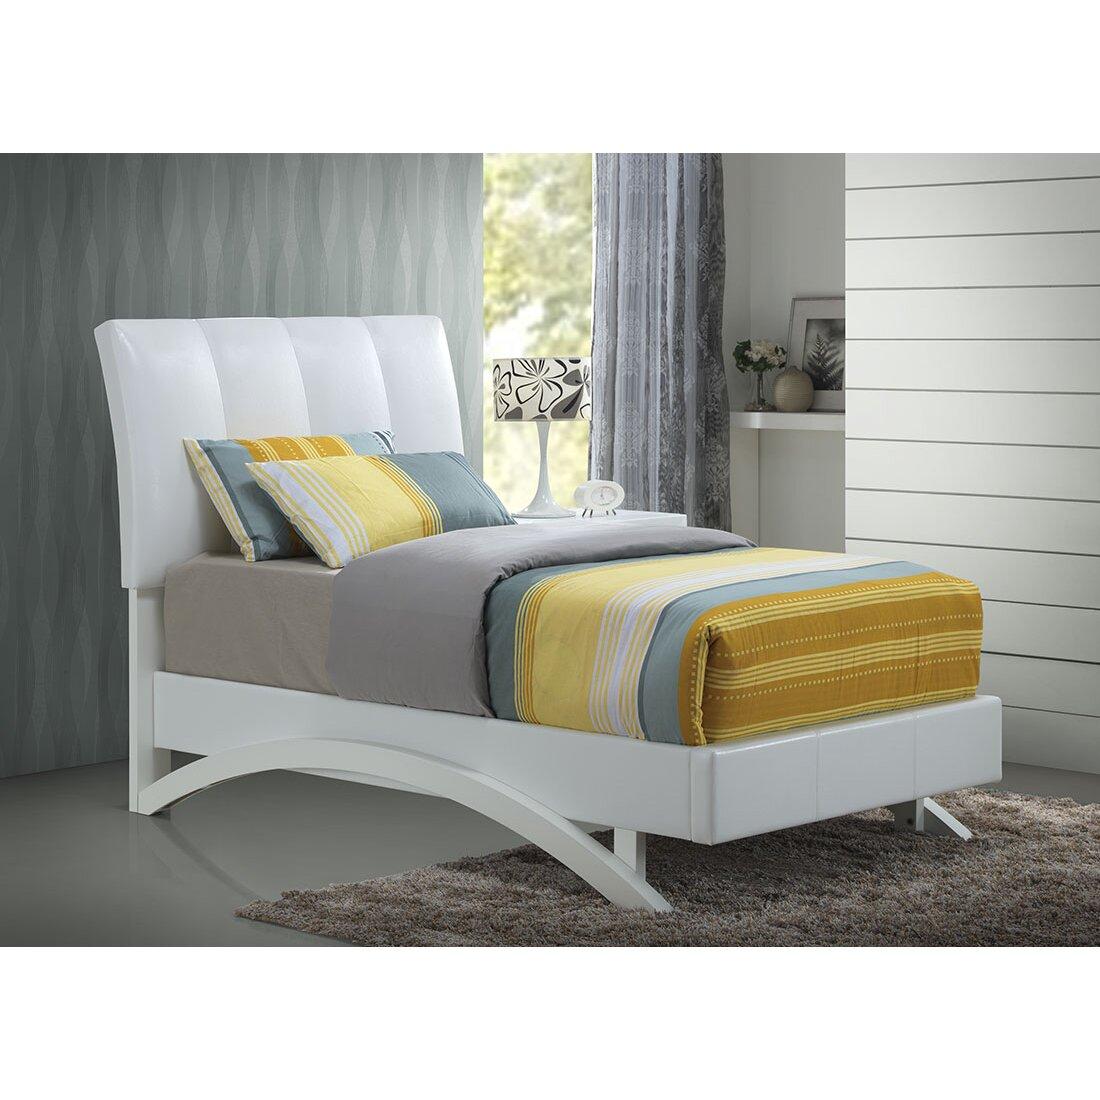 Archers Bedroom Furniture Archer Upholstered Platform Bed Reviews Wayfair Ca